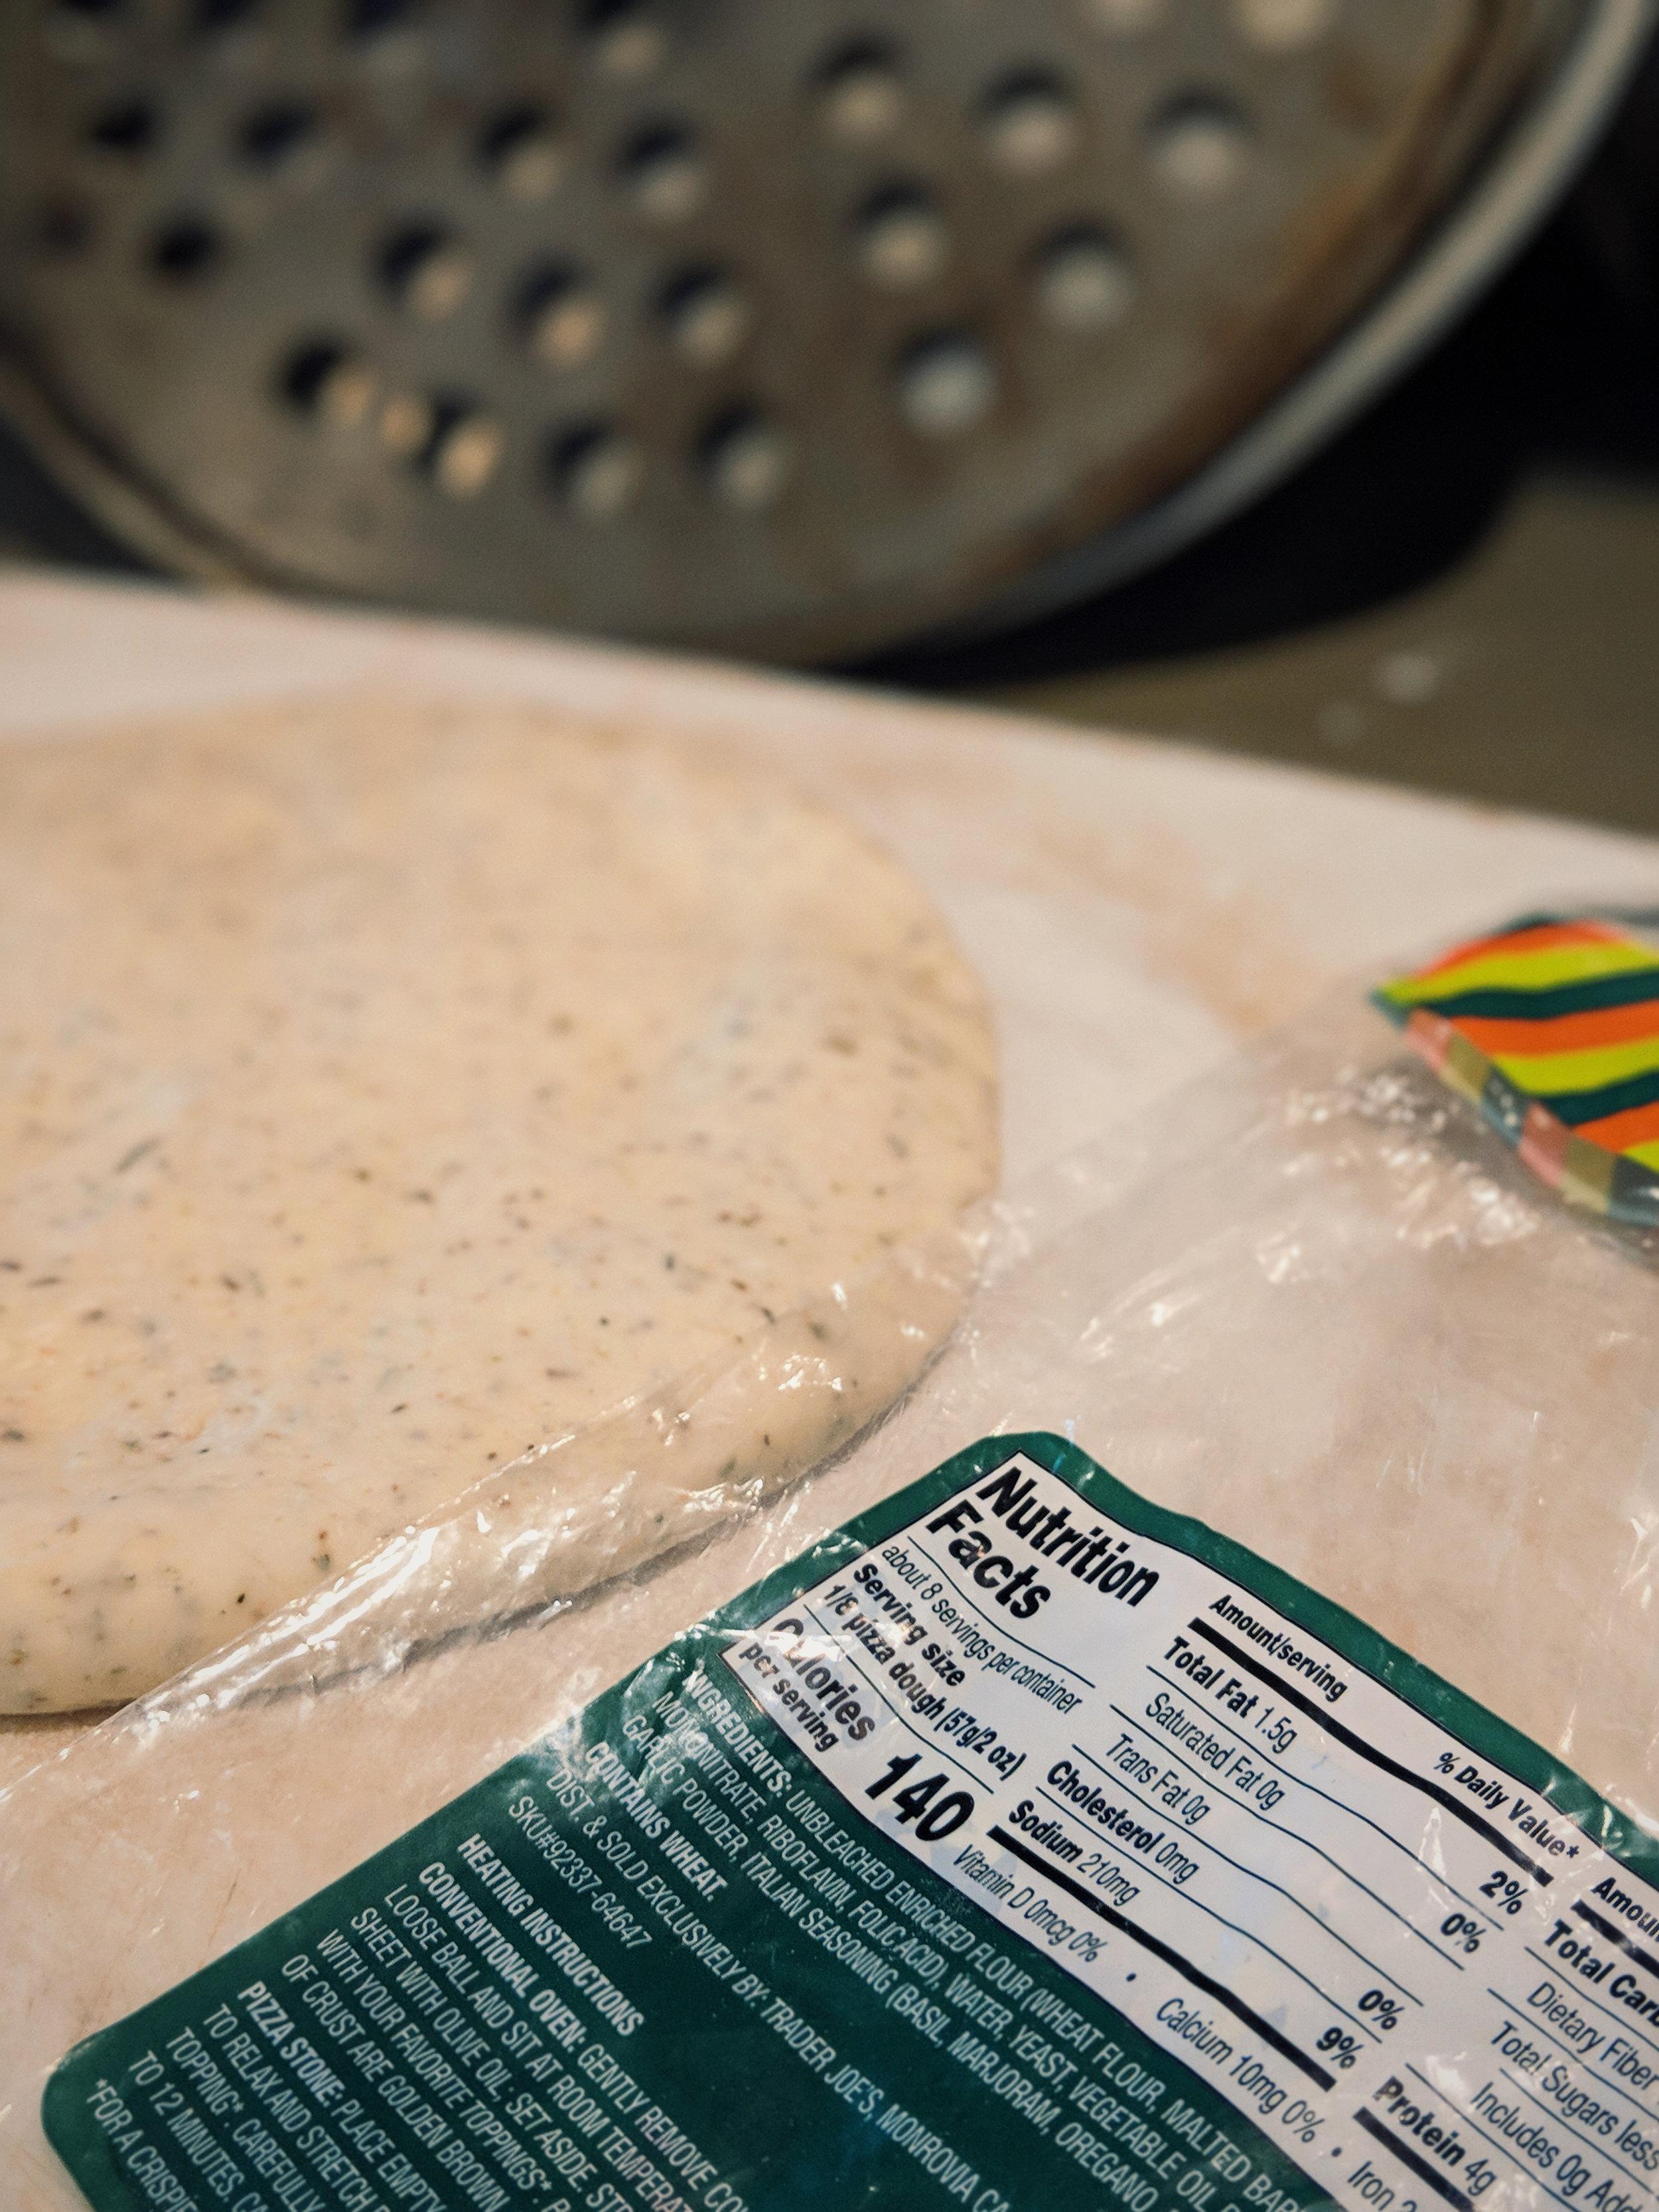 Get the pizza dough. I prefer the garlic herb.